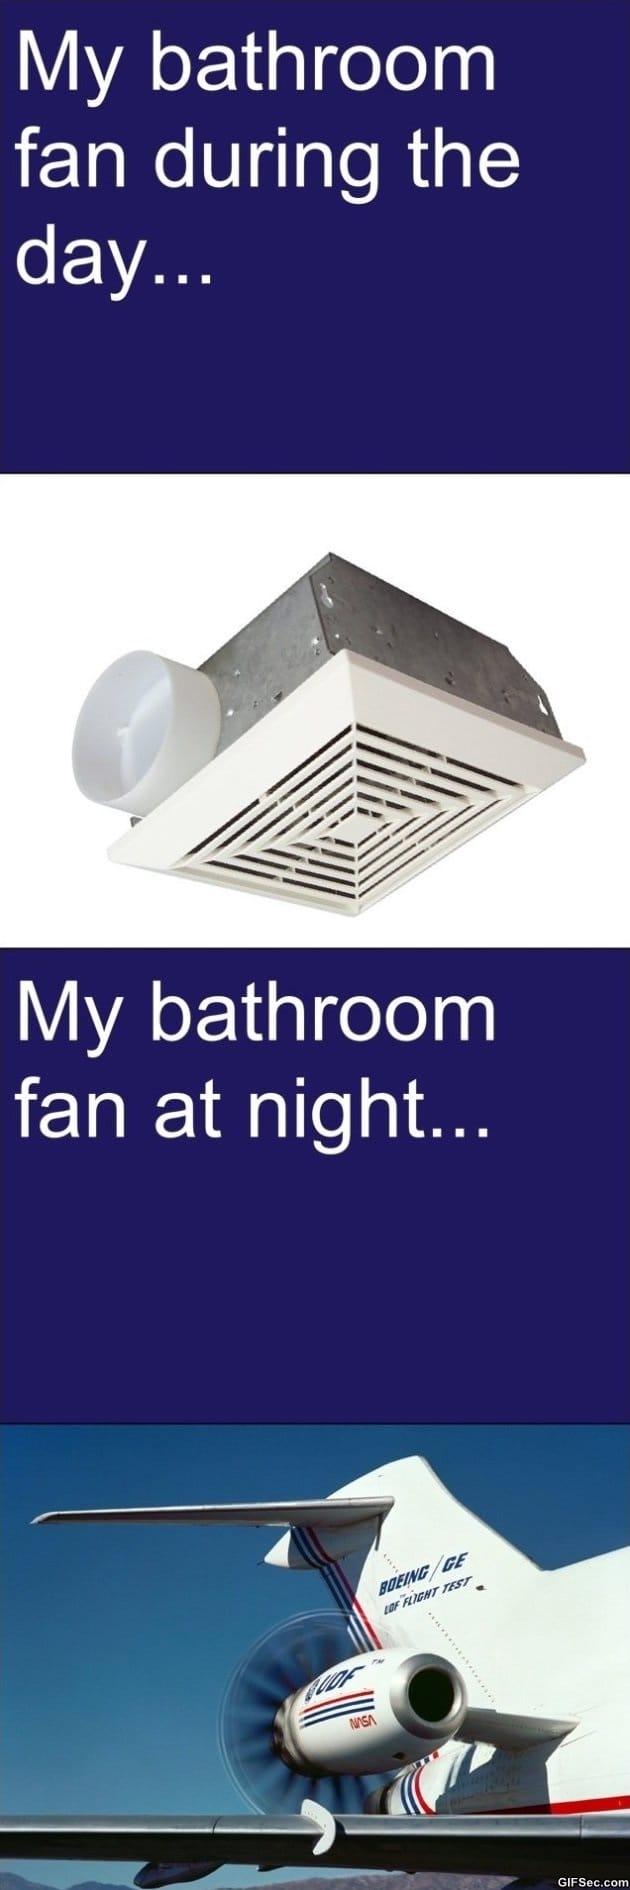 bathroom-fan-meme